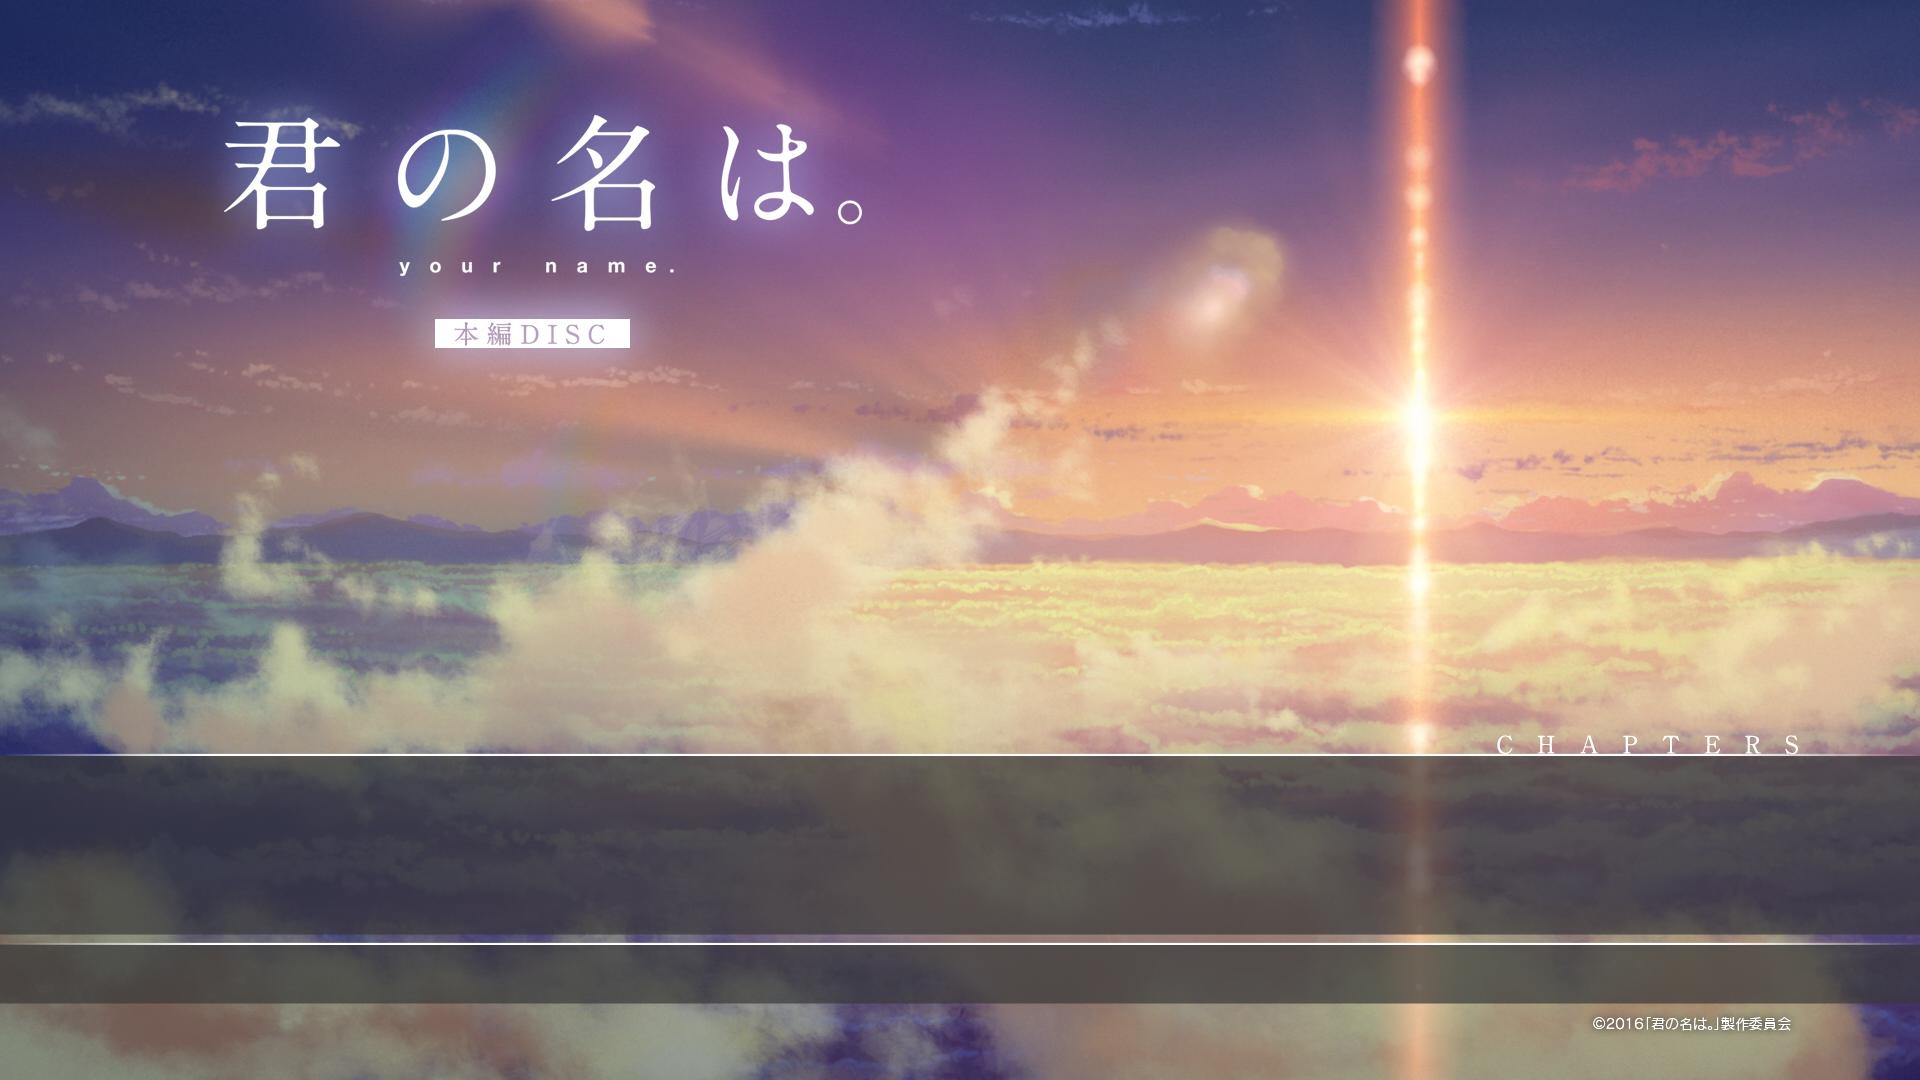 《你的名字》君の名は 特典 1080P BDRip H.265_10bit 日语+粤语+副音轨【3.95G】